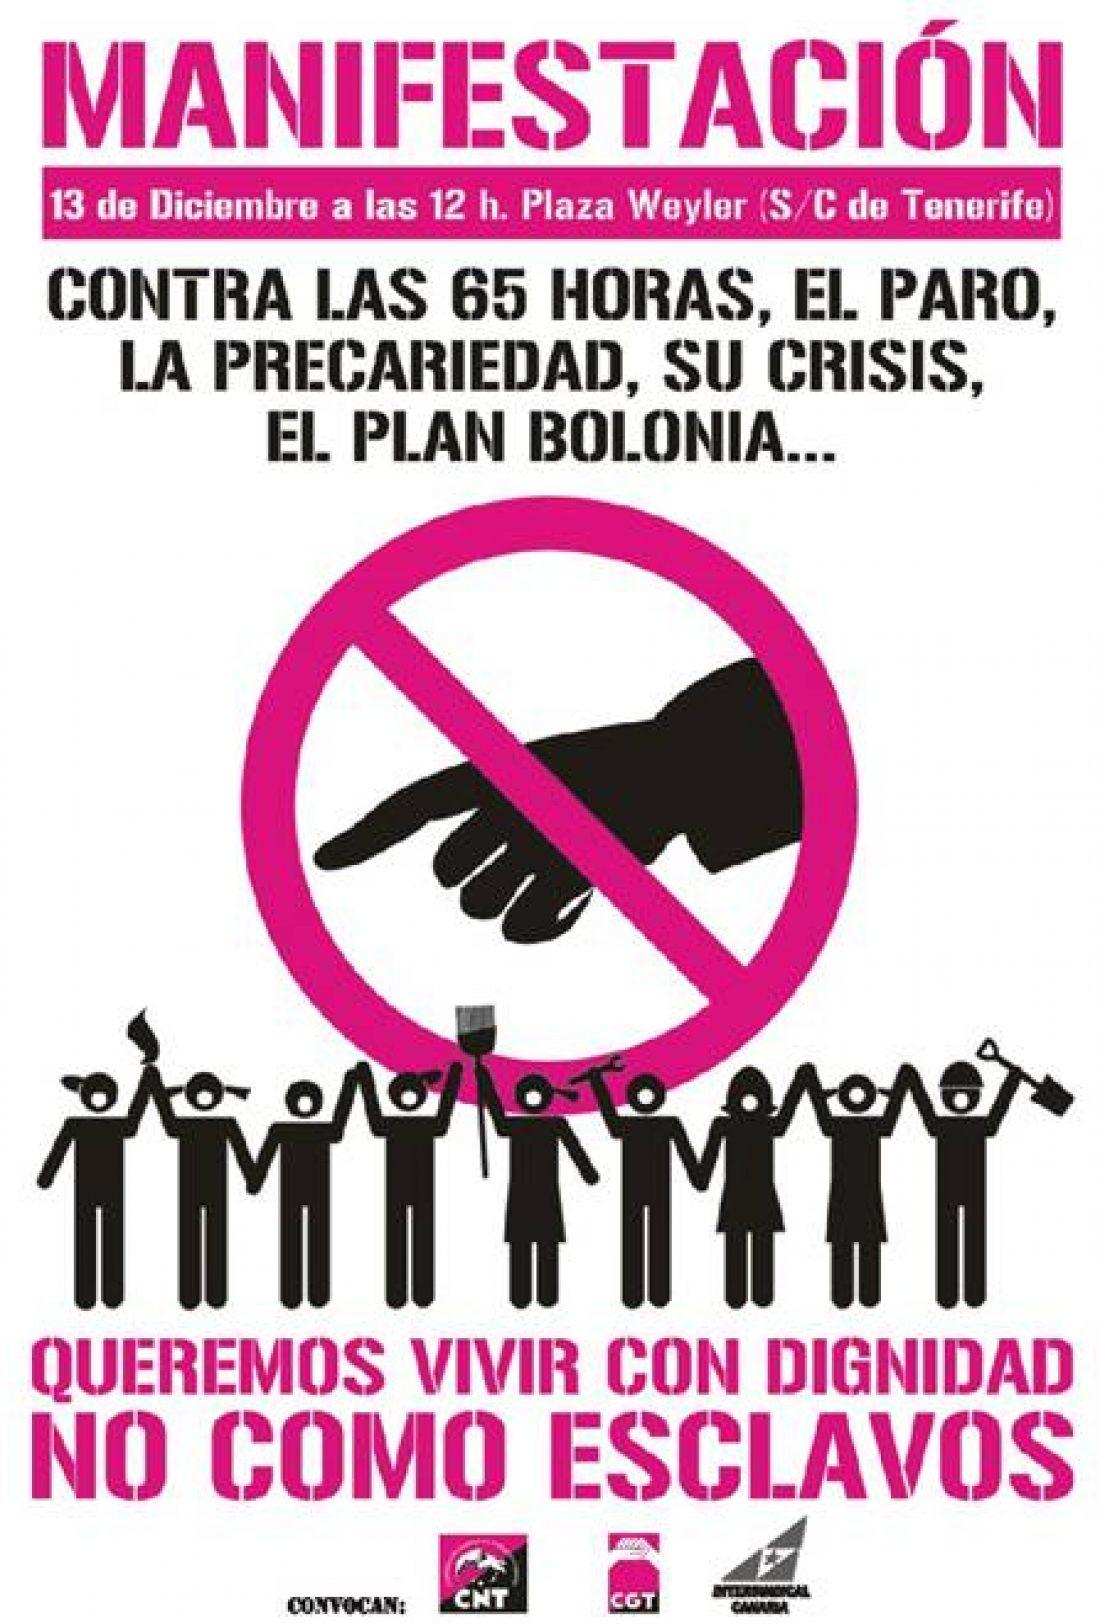 Manifestación «Queremos vivir con dignidad, NO como esclavos»